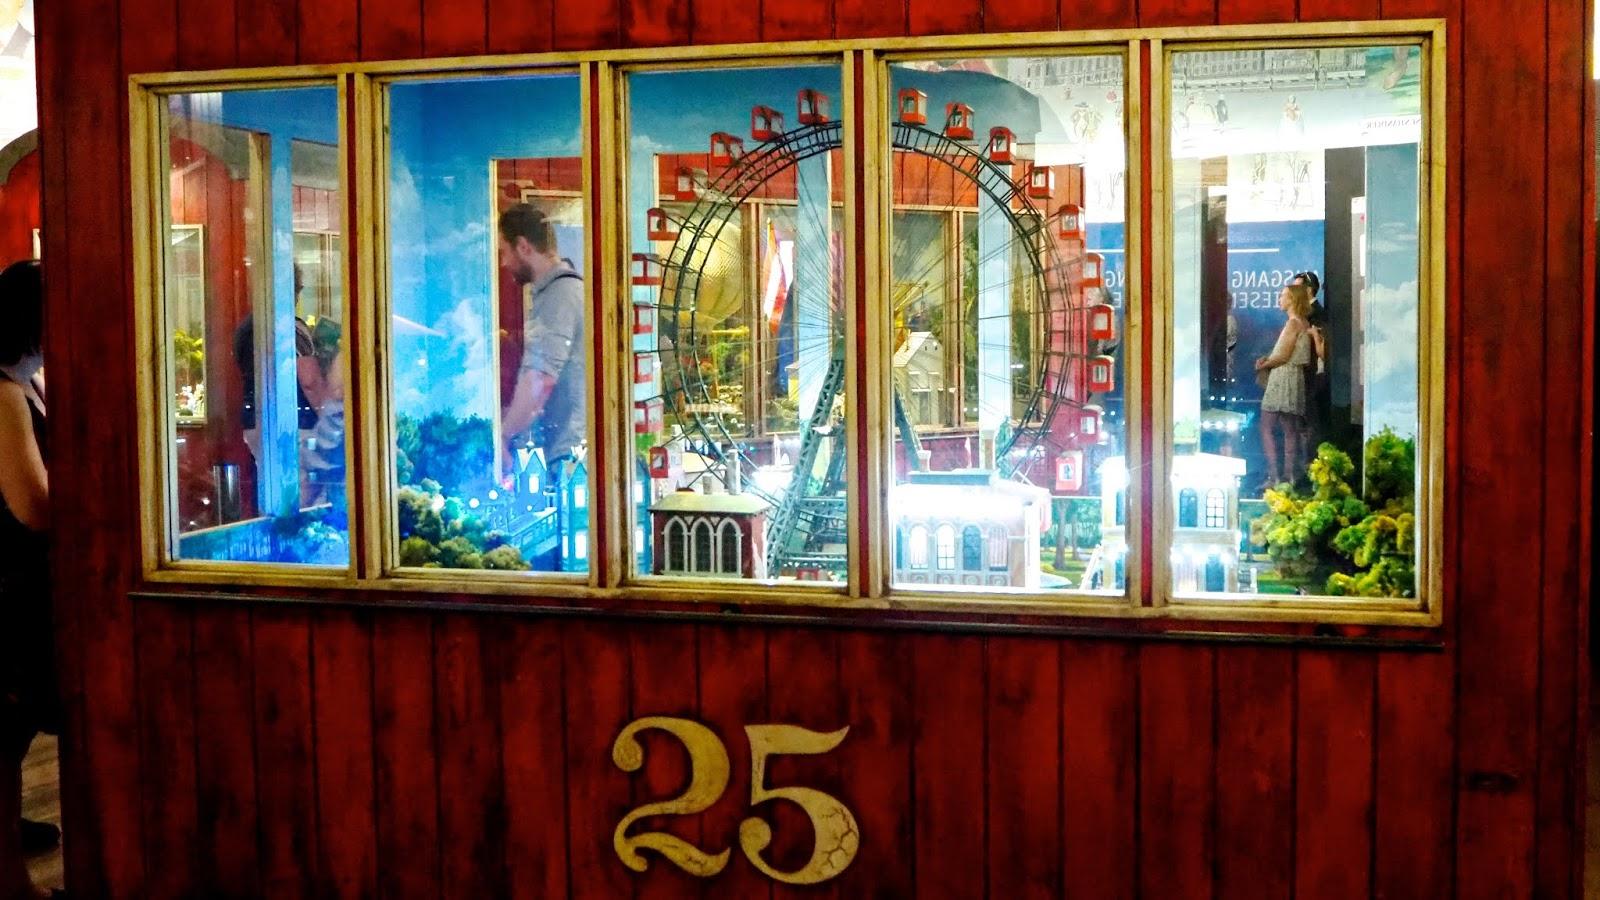 Wiener Riesenrad Museum